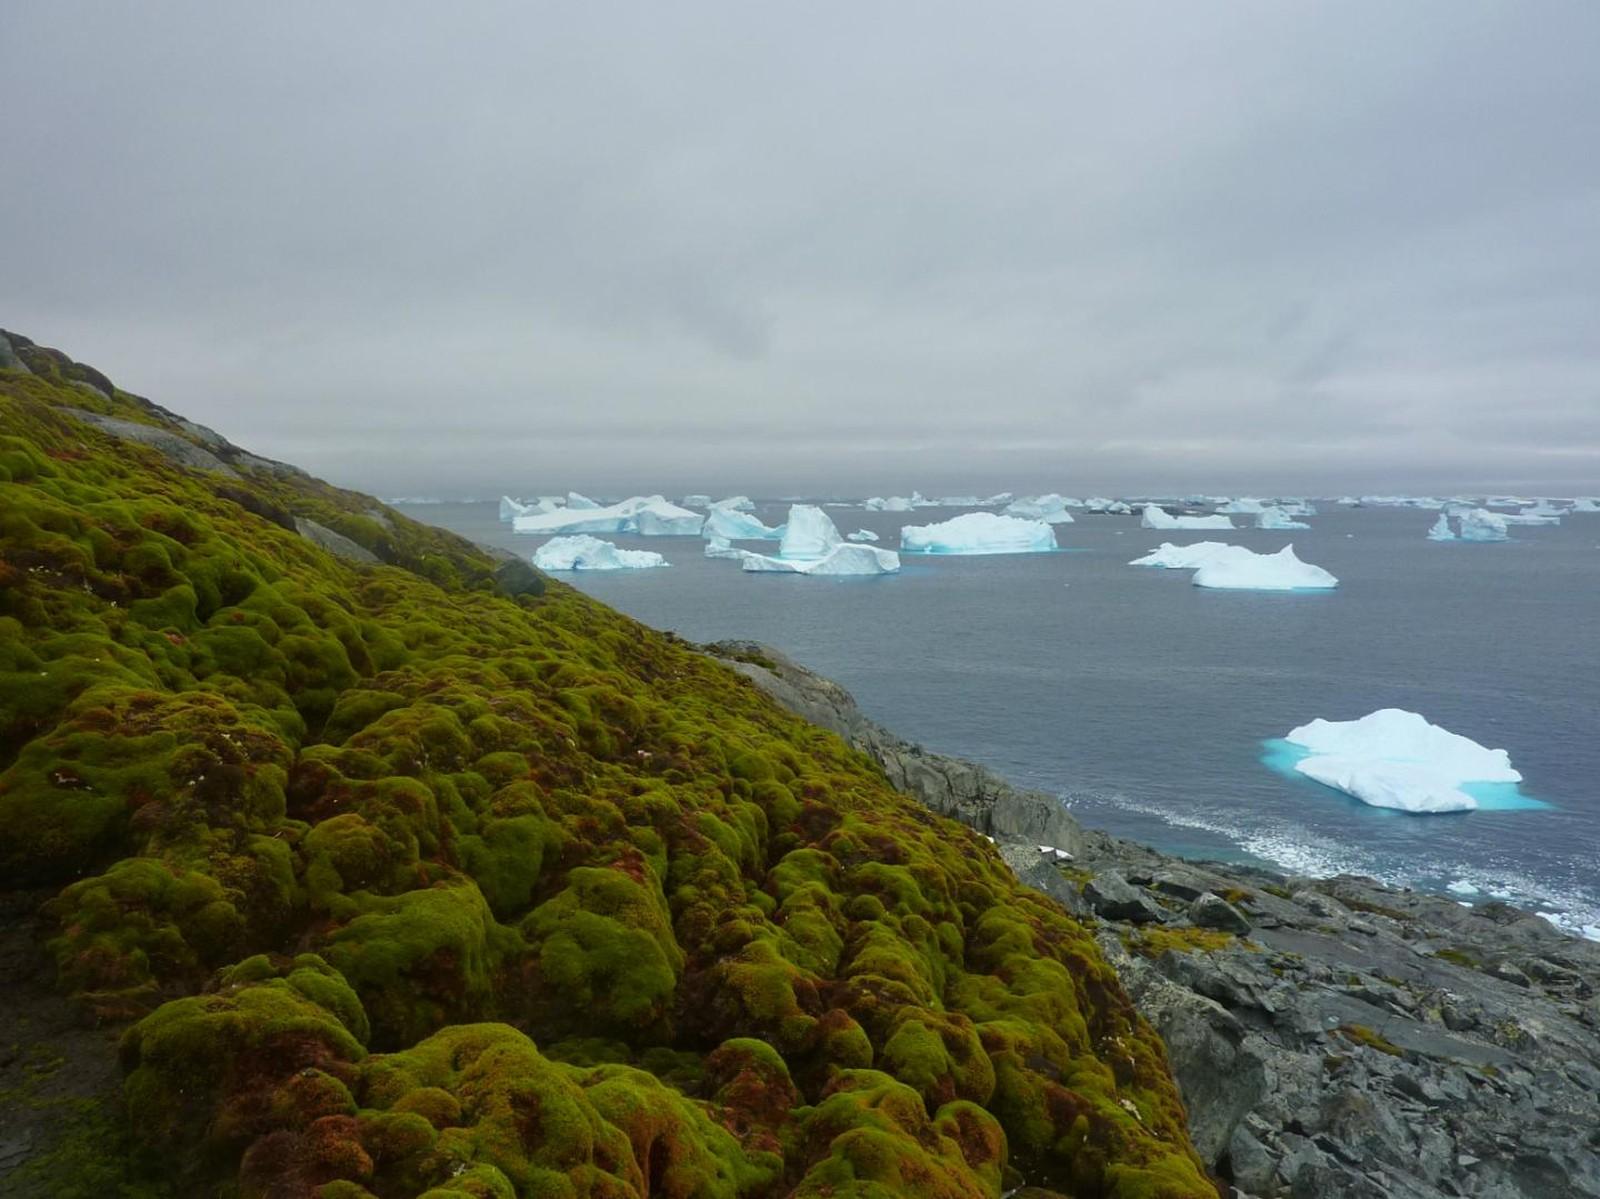 Antártica está mais verde devido ao aquecimento global, dizem cientistas